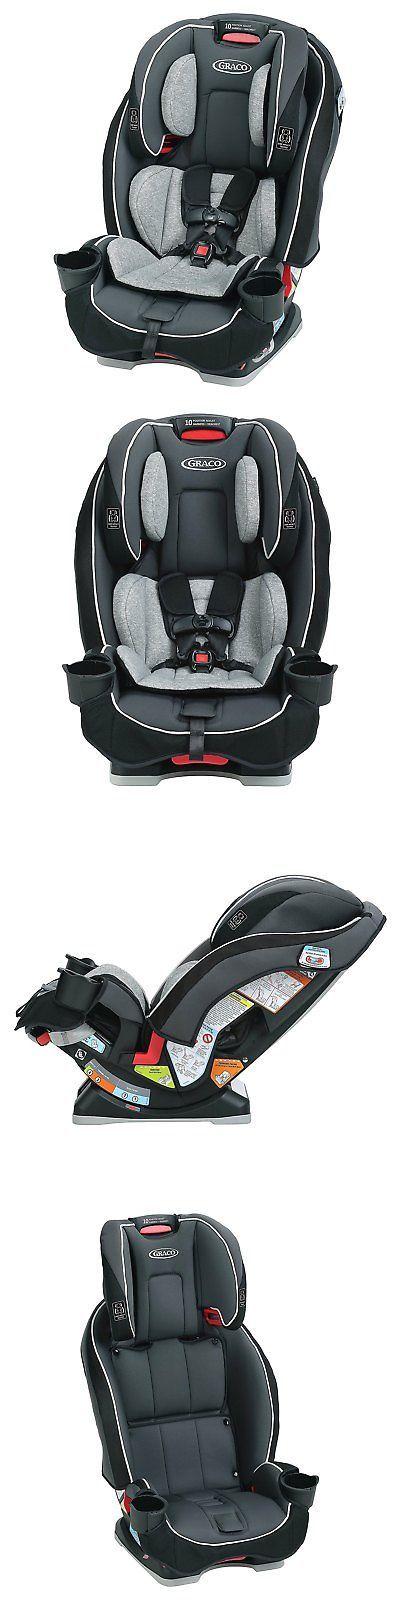 Graco Baby 2001876